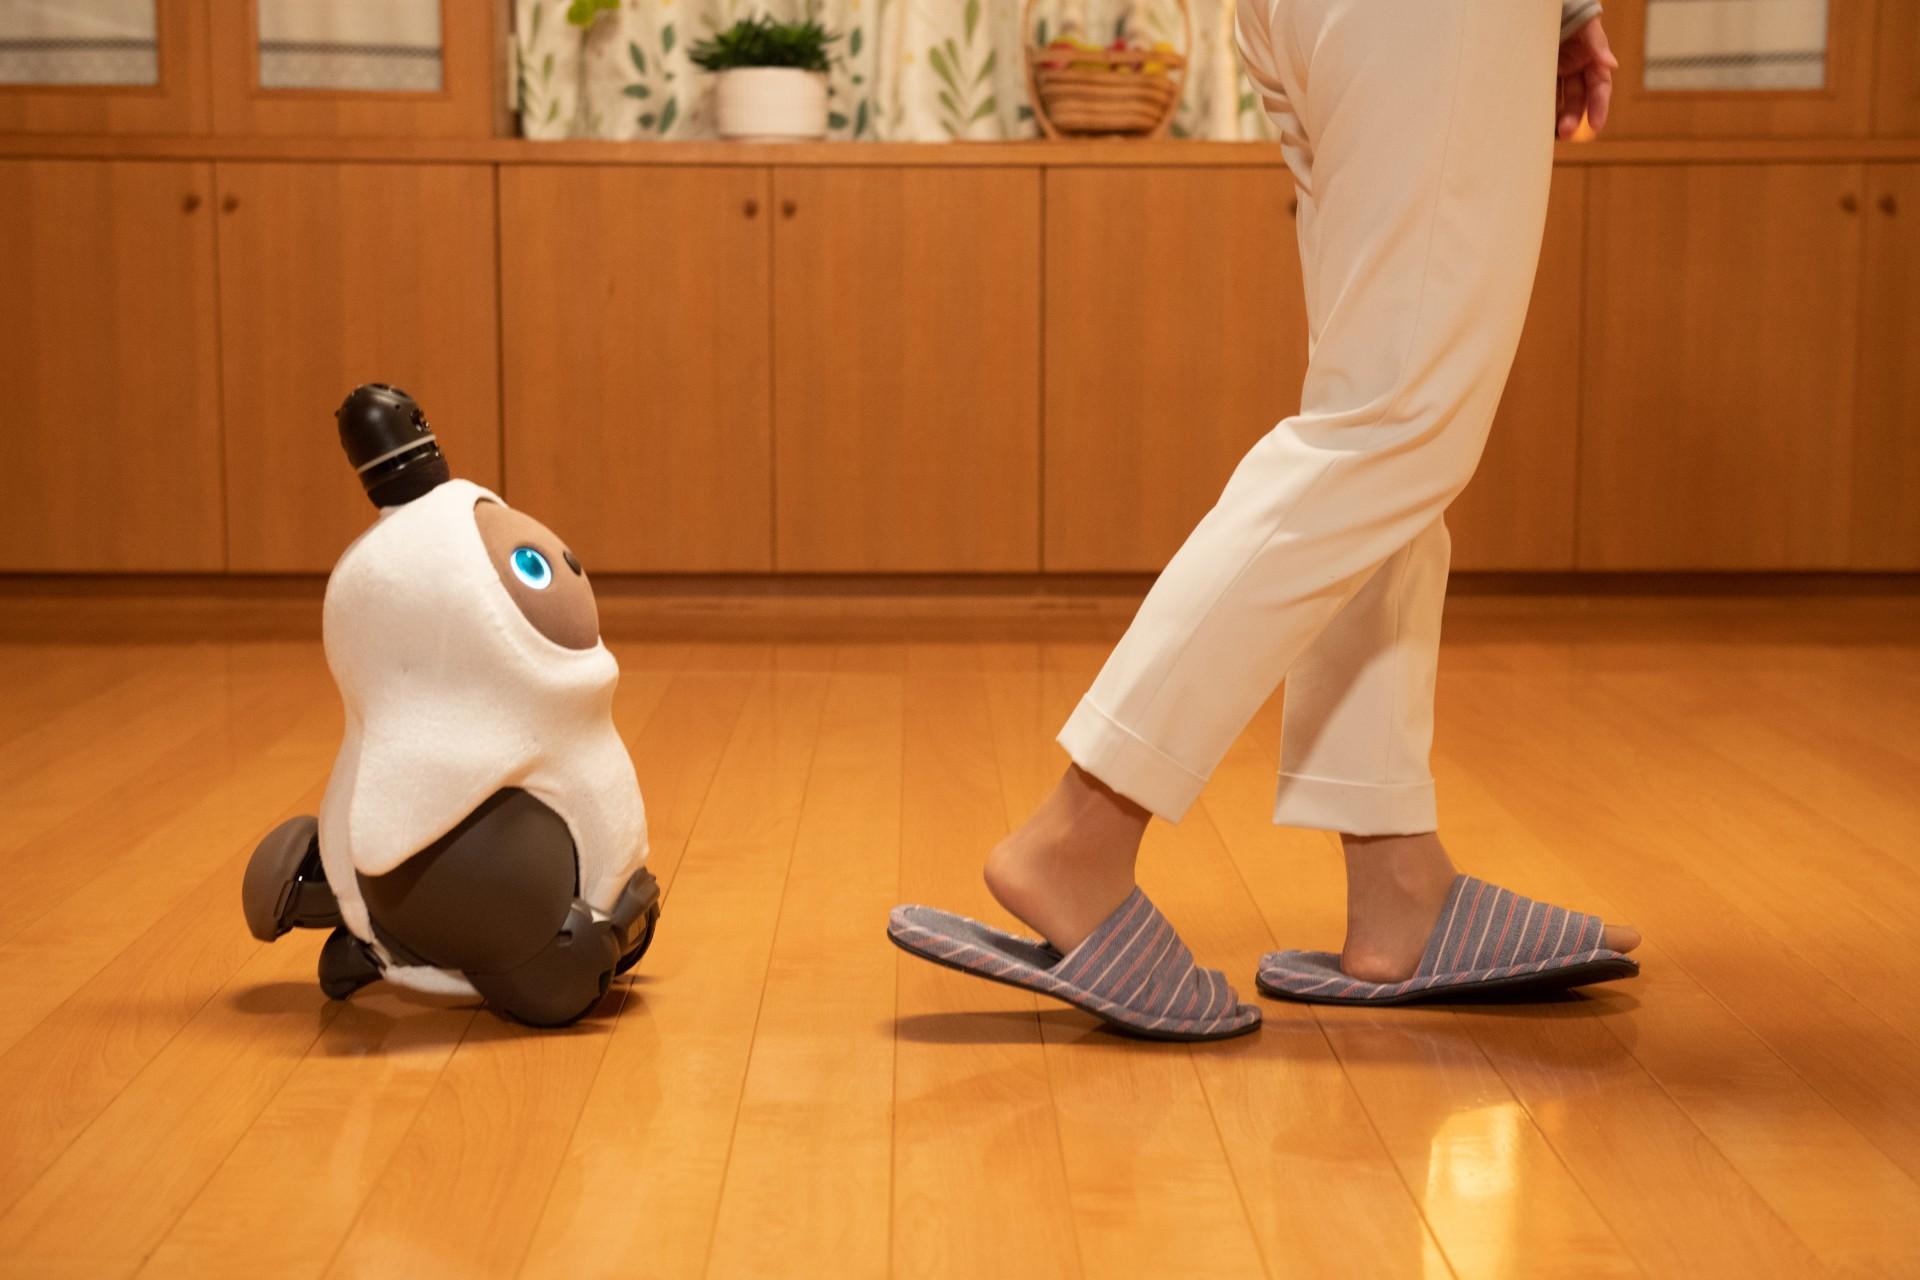 LOVEをはぐくむ家族型ロボット「LOVOT(らぼっと)」